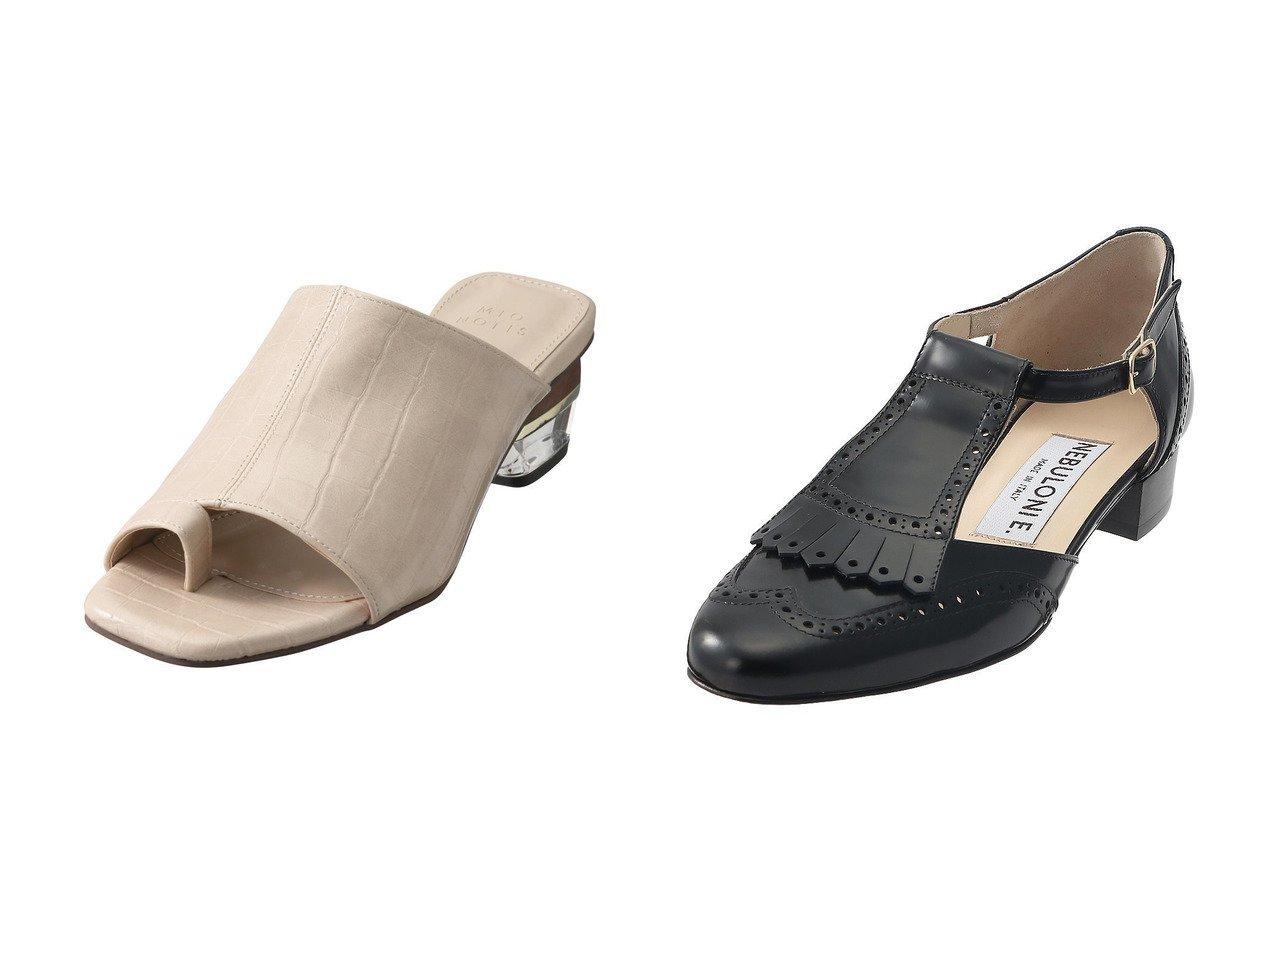 【martinique/マルティニーク】の【NEBLONI E.】DIDO メダリオンストラップシューズ&【Esmeralda/エスメラルダ】の【MIO NOTIS】スカルプチャーヒールトングサンダル 【シューズ・靴】おすすめ!人気、トレンド・レディースファッションの通販 おすすめで人気の流行・トレンド、ファッションの通販商品 メンズファッション・キッズファッション・インテリア・家具・レディースファッション・服の通販 founy(ファニー) https://founy.com/ ファッション Fashion レディースファッション WOMEN サンダル モダン クラシカル シューズ ソックス フォルム フラット |ID:crp329100000030198